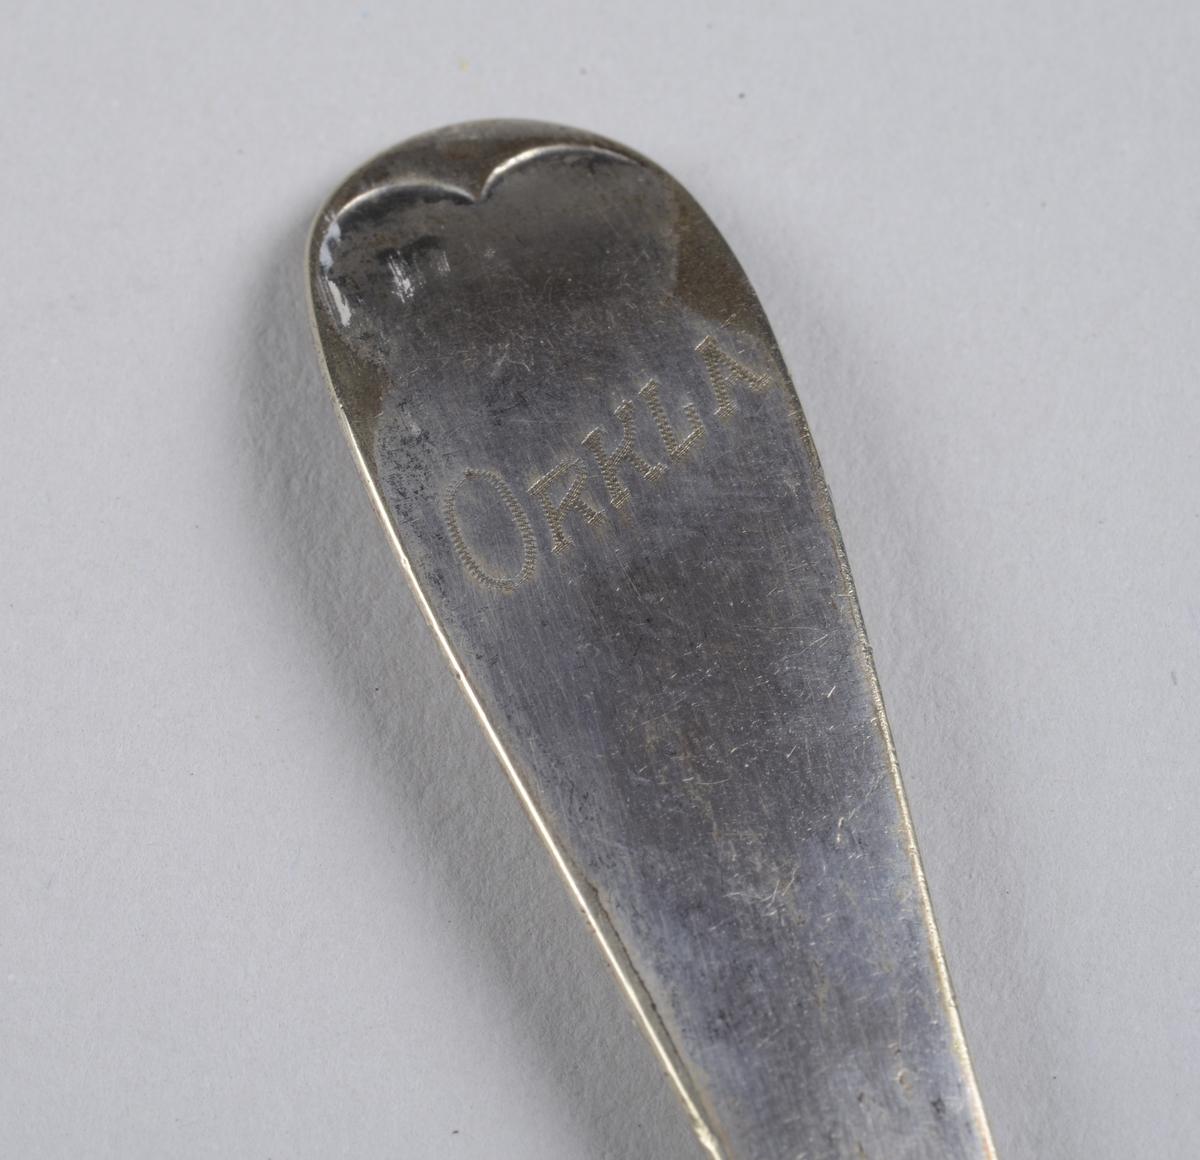 Skje med enkel dekor i form av en midtstilt opphøyning på enden av skaftet.